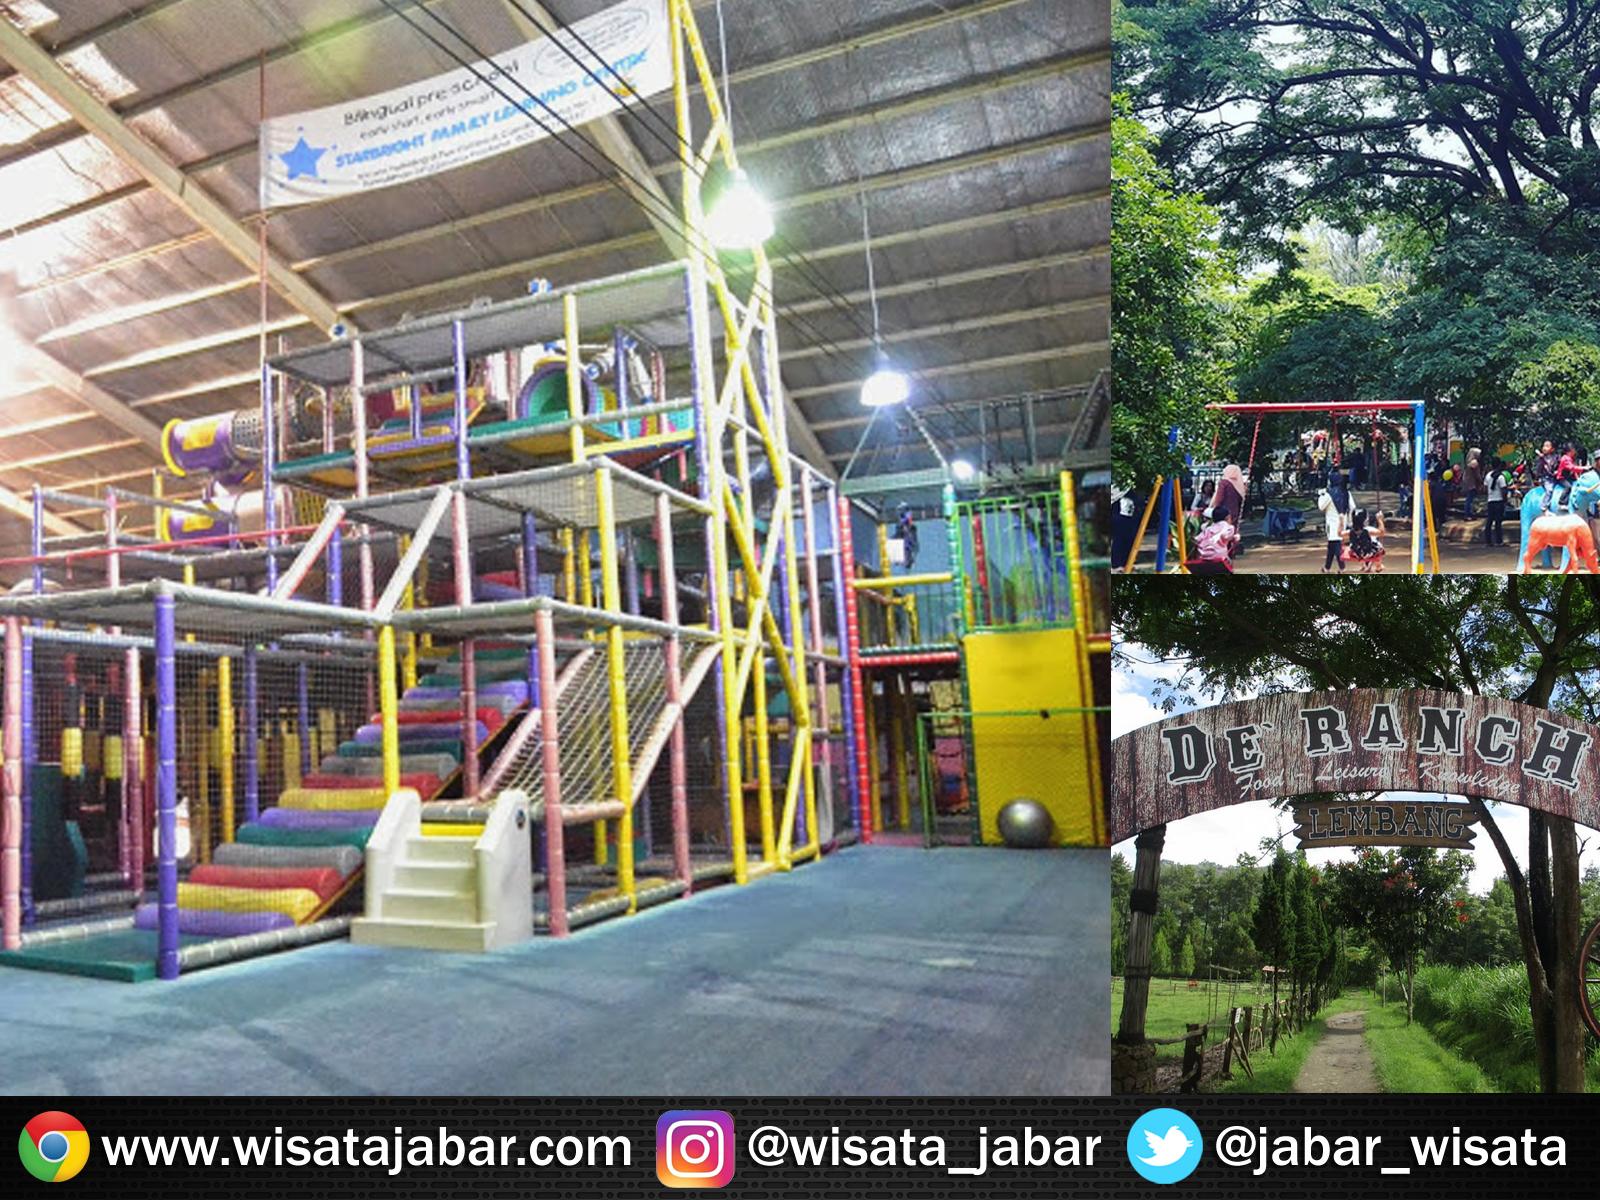 10 Tempat Wisata Anak Paling Favorit Di Bandung Ngelancong